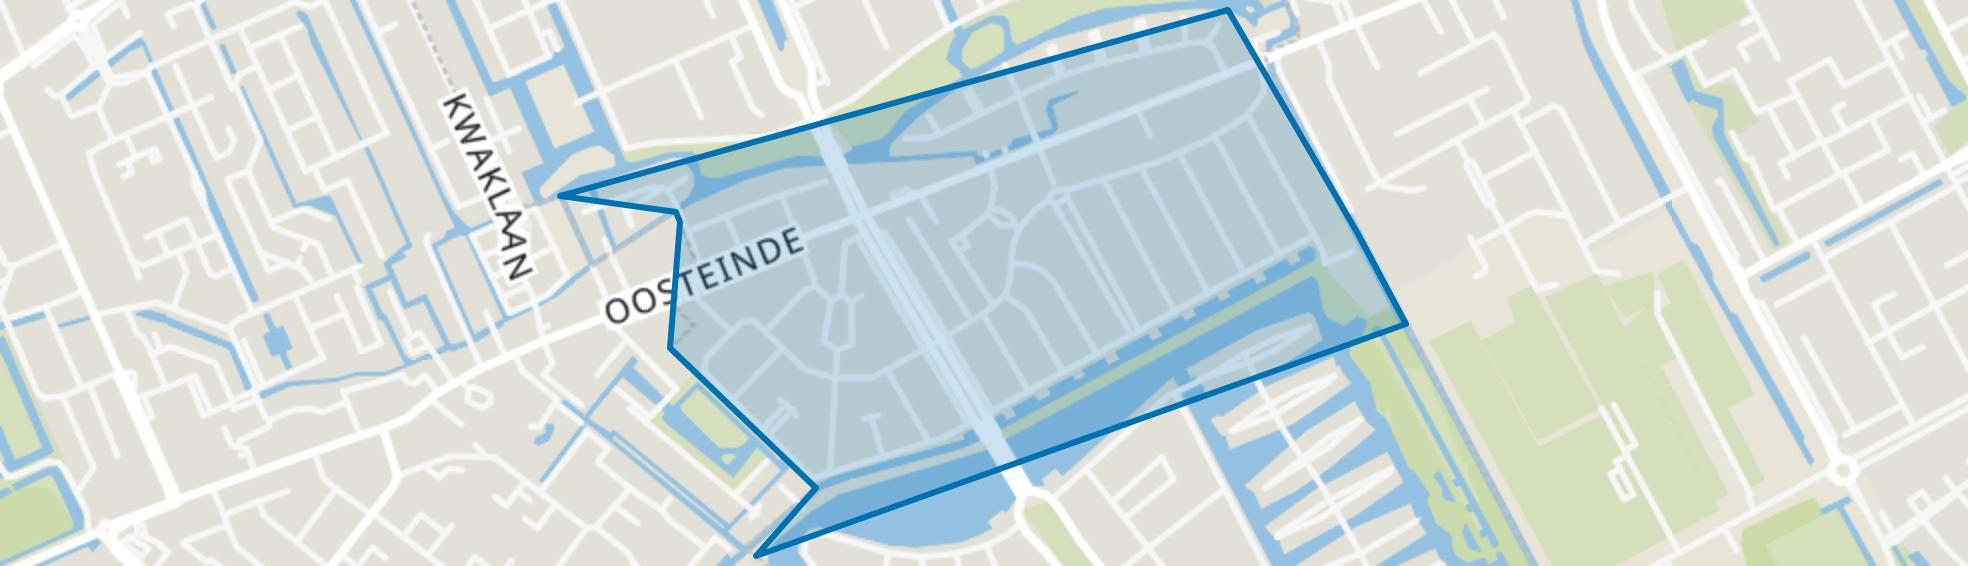 Parkbuurt oosteinde, Den Haag map